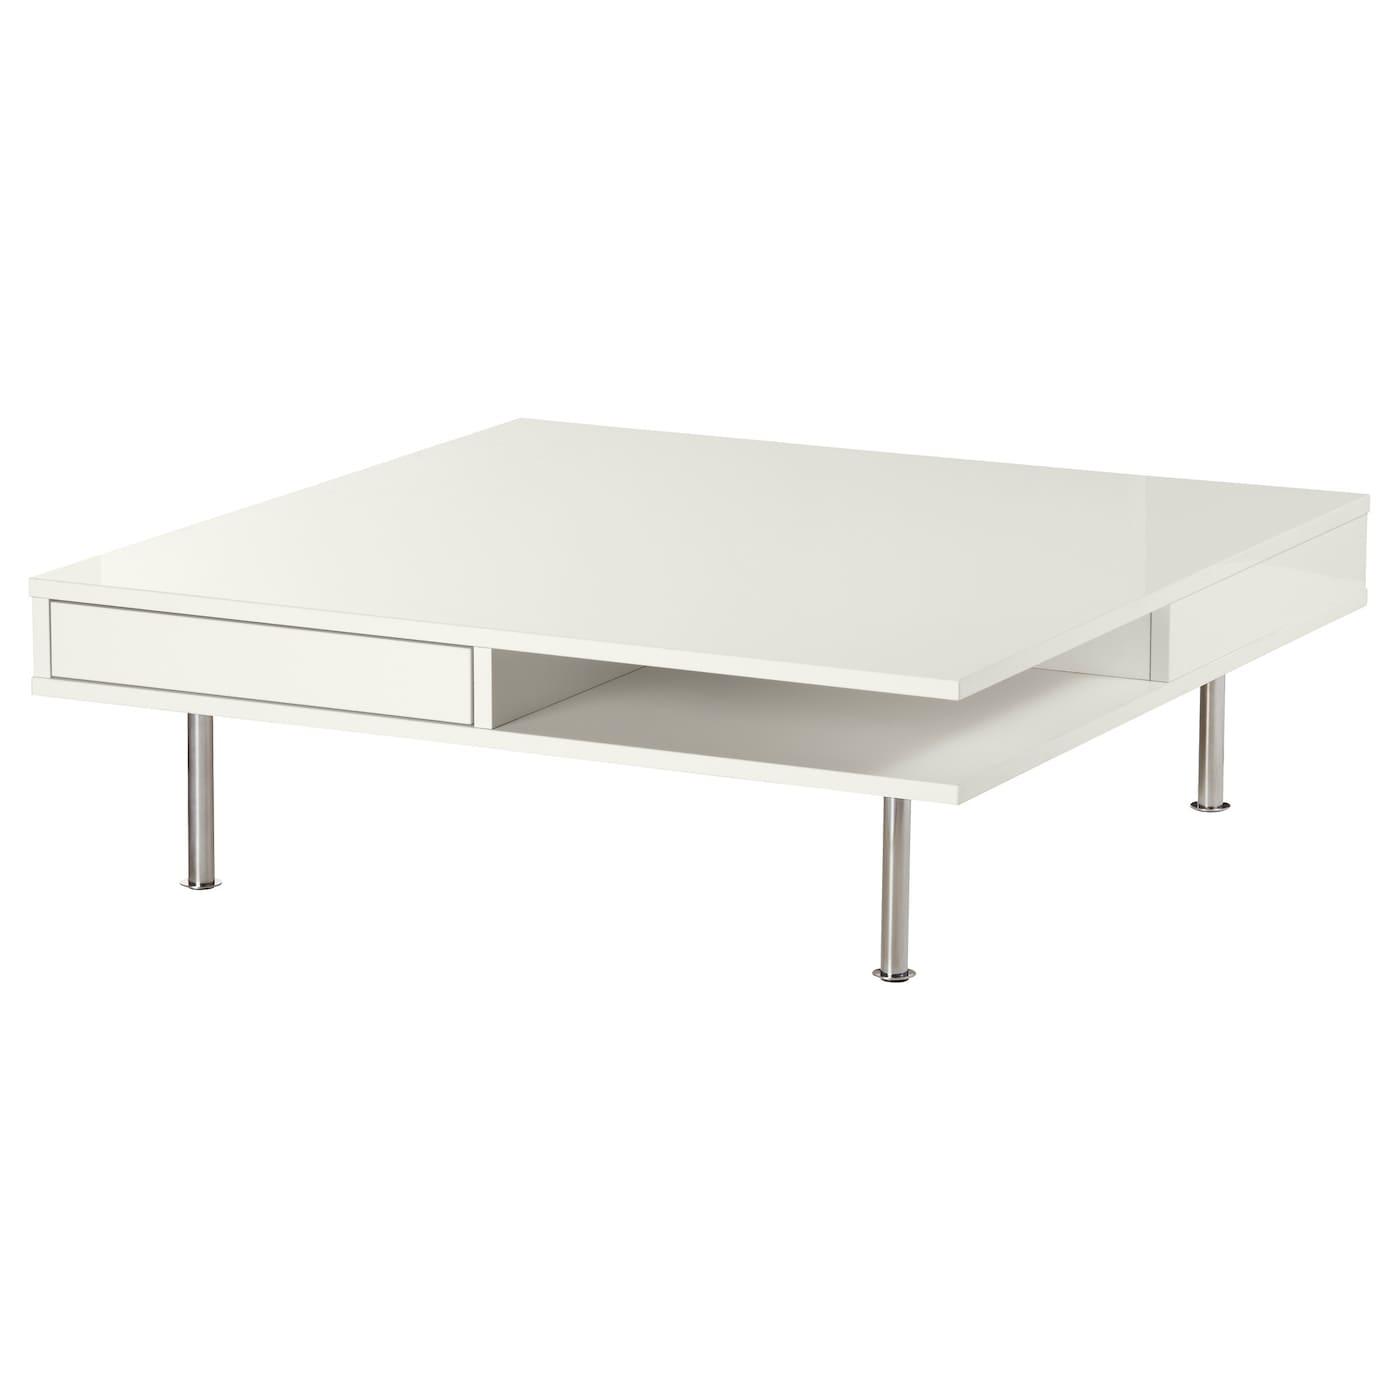 IKEA TOFTERYD biały stolik o wysokim połysku, 95x95 cm